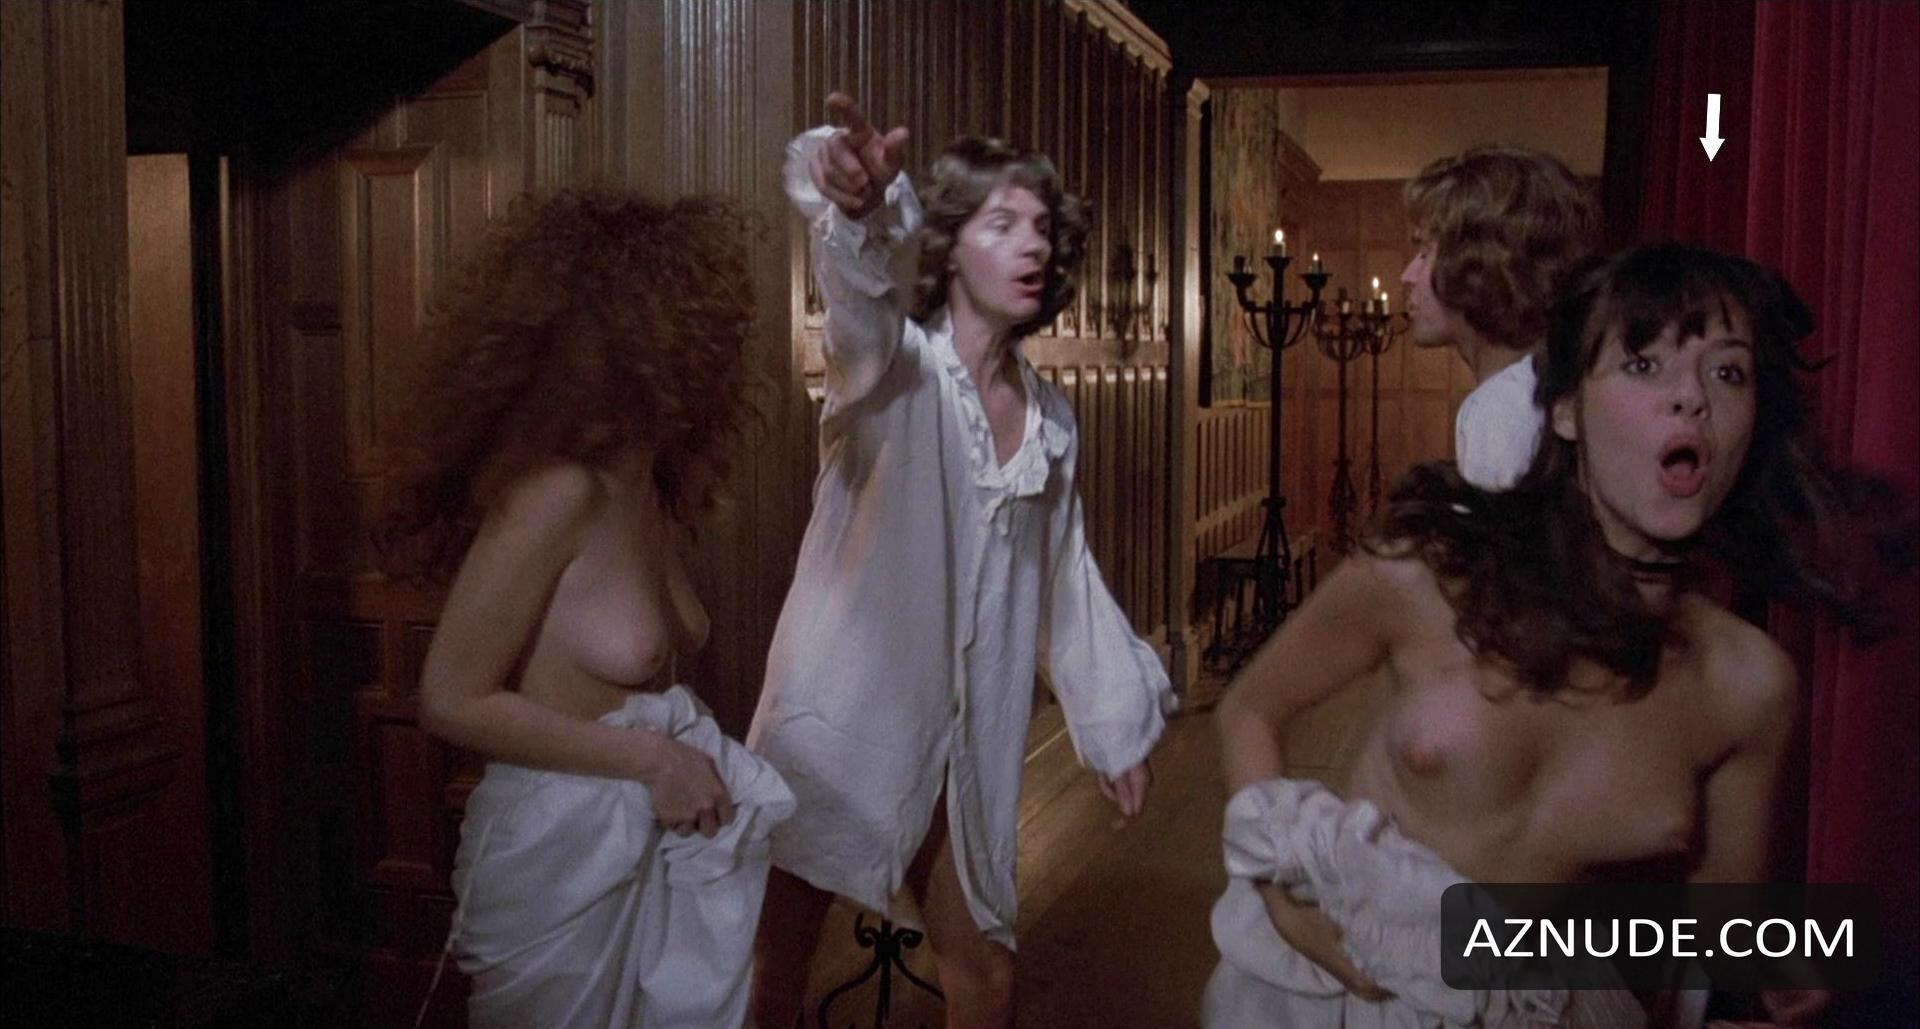 Marina Sirtis Nude Pics And Movies  Hot Girl Hd Wallpaper-6119